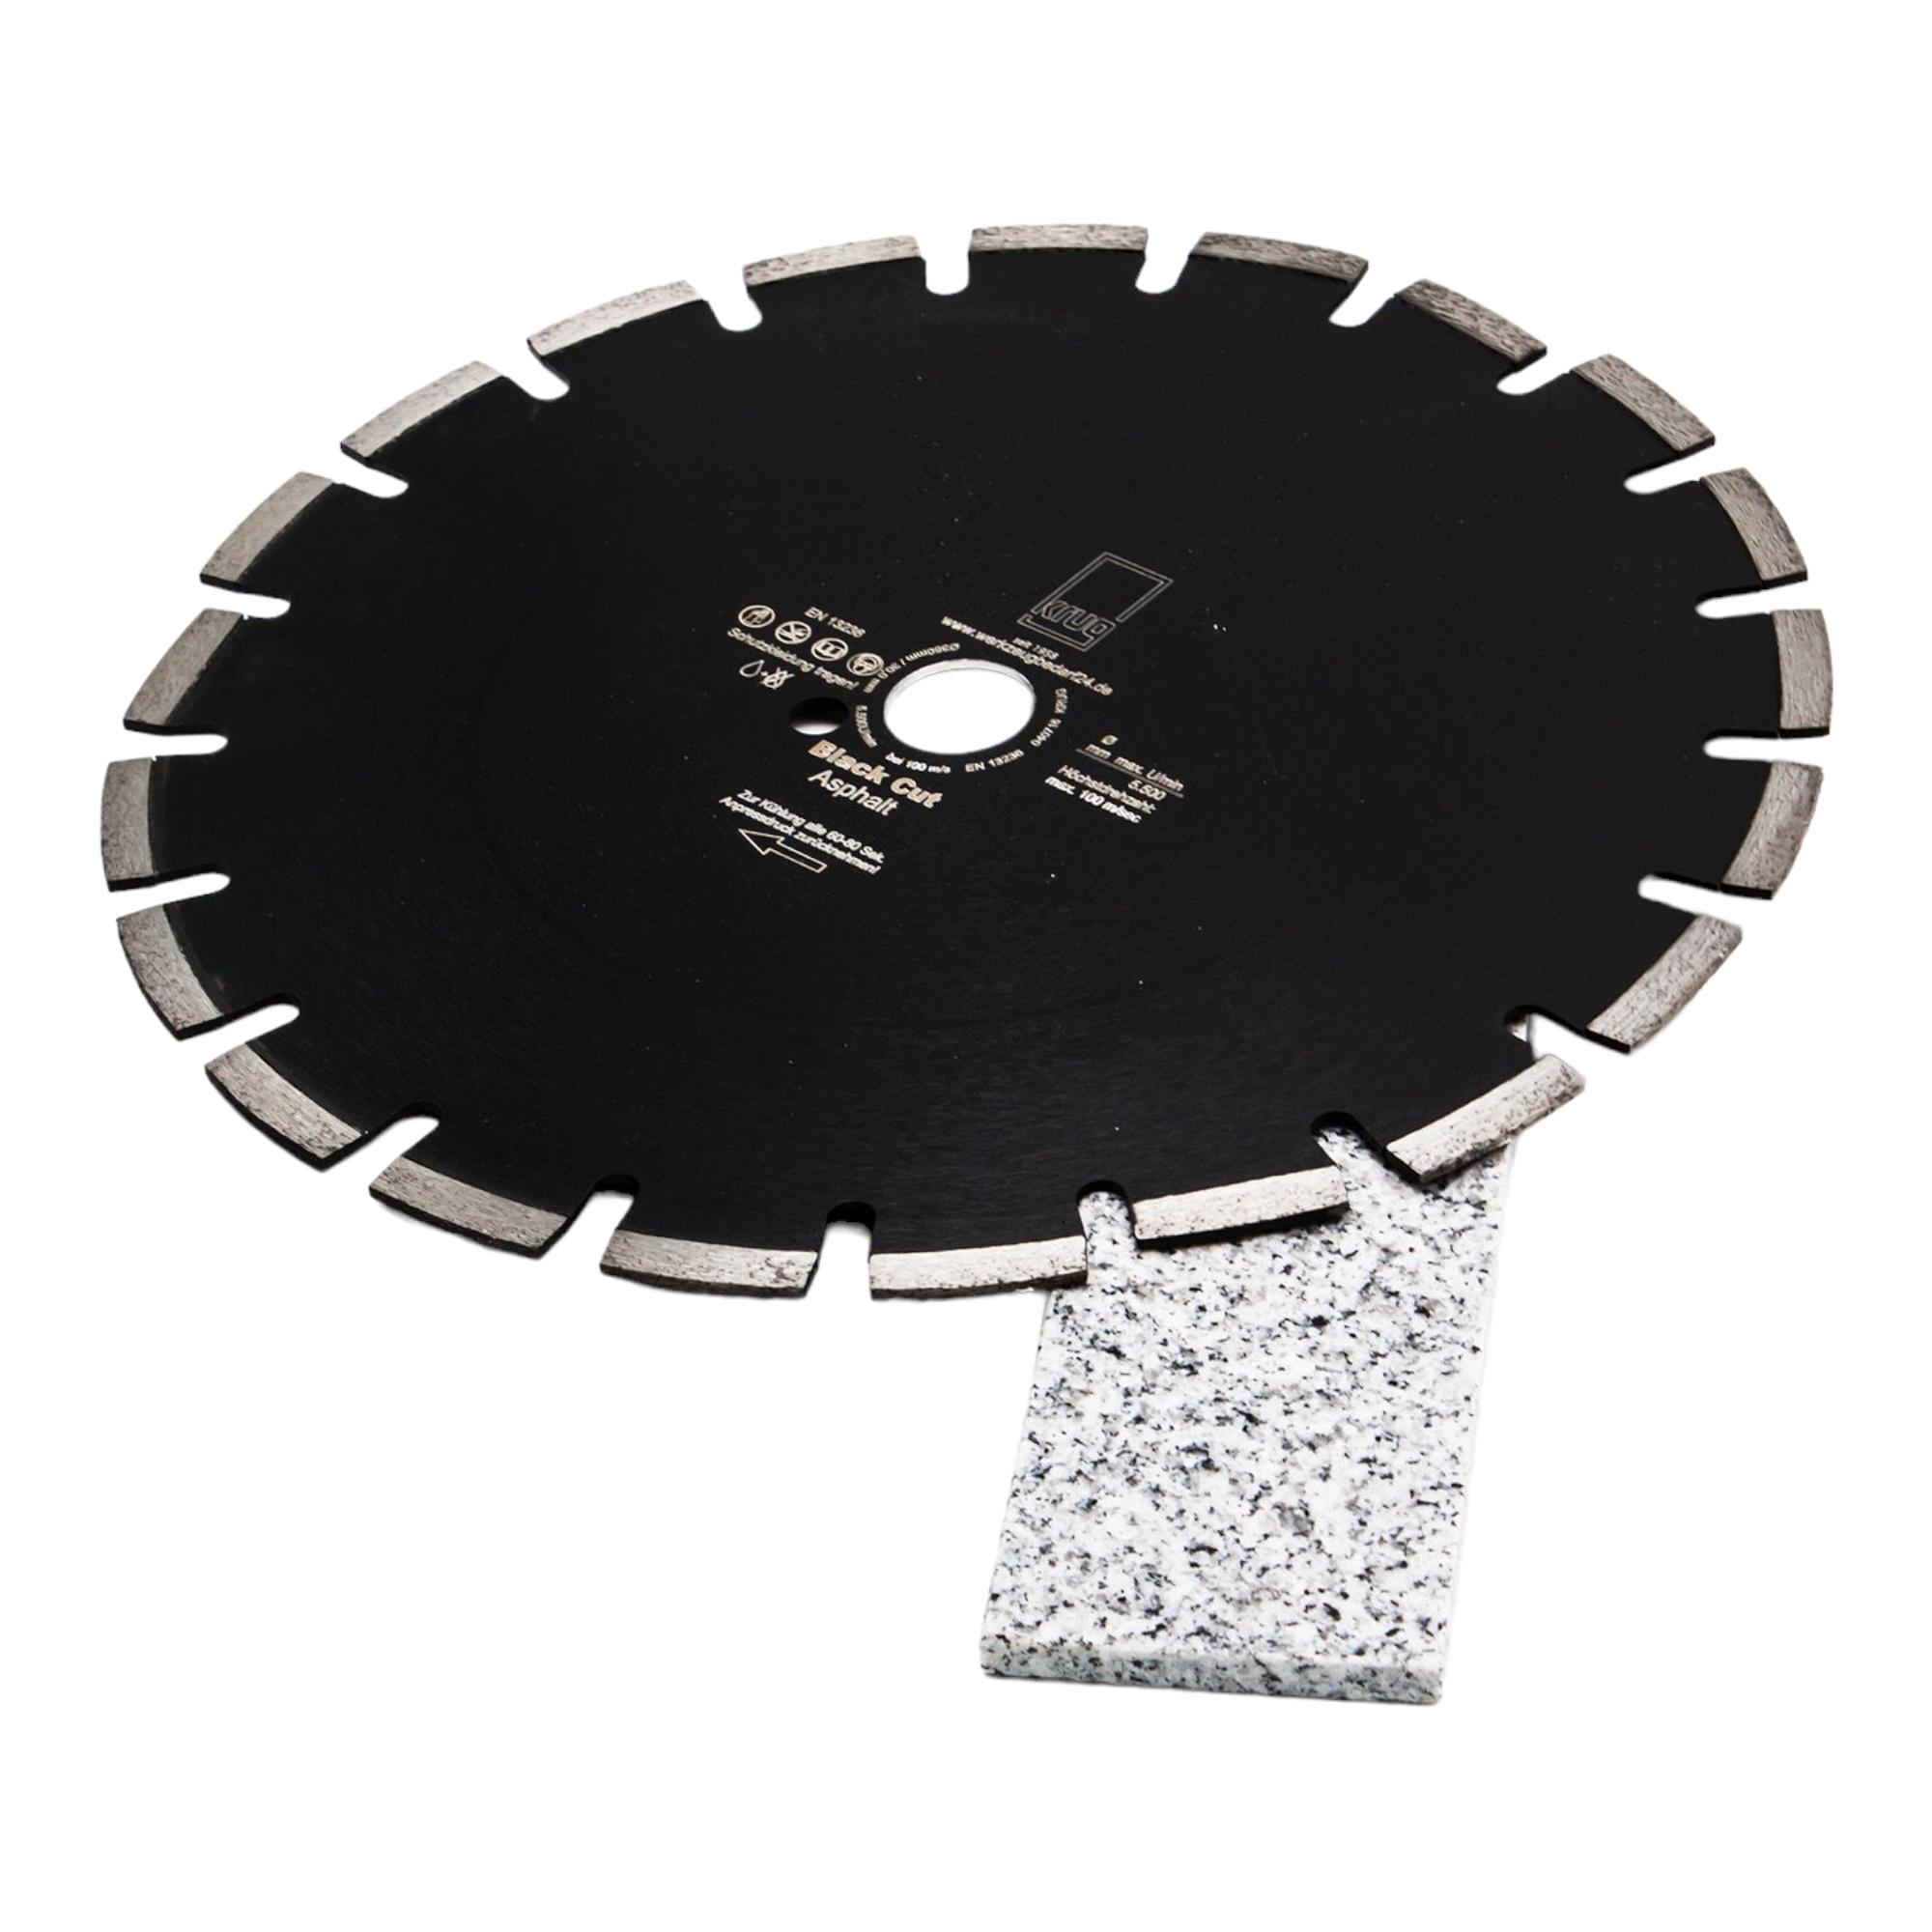 diamantscheibe black cut 400 25 4 mm f r beton granit klinker stein ebay. Black Bedroom Furniture Sets. Home Design Ideas